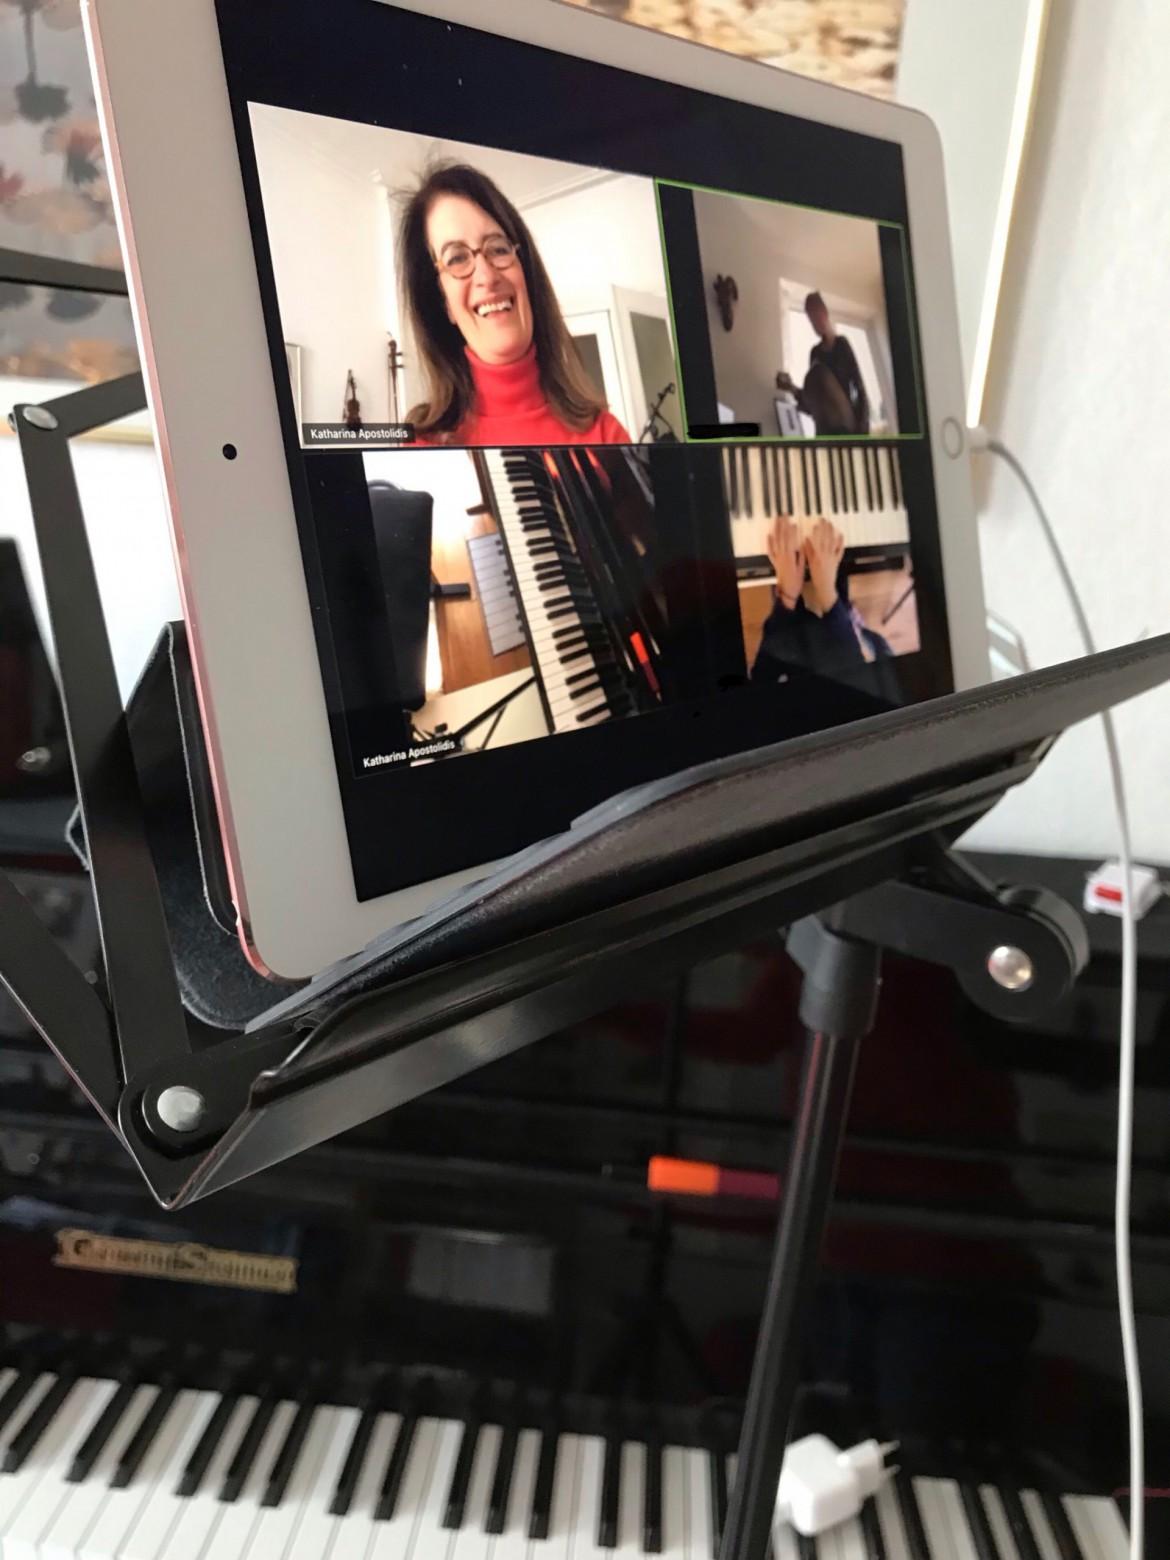 Geigen/Klavierunterricht alternativ per Facetime, Skype, Zoom